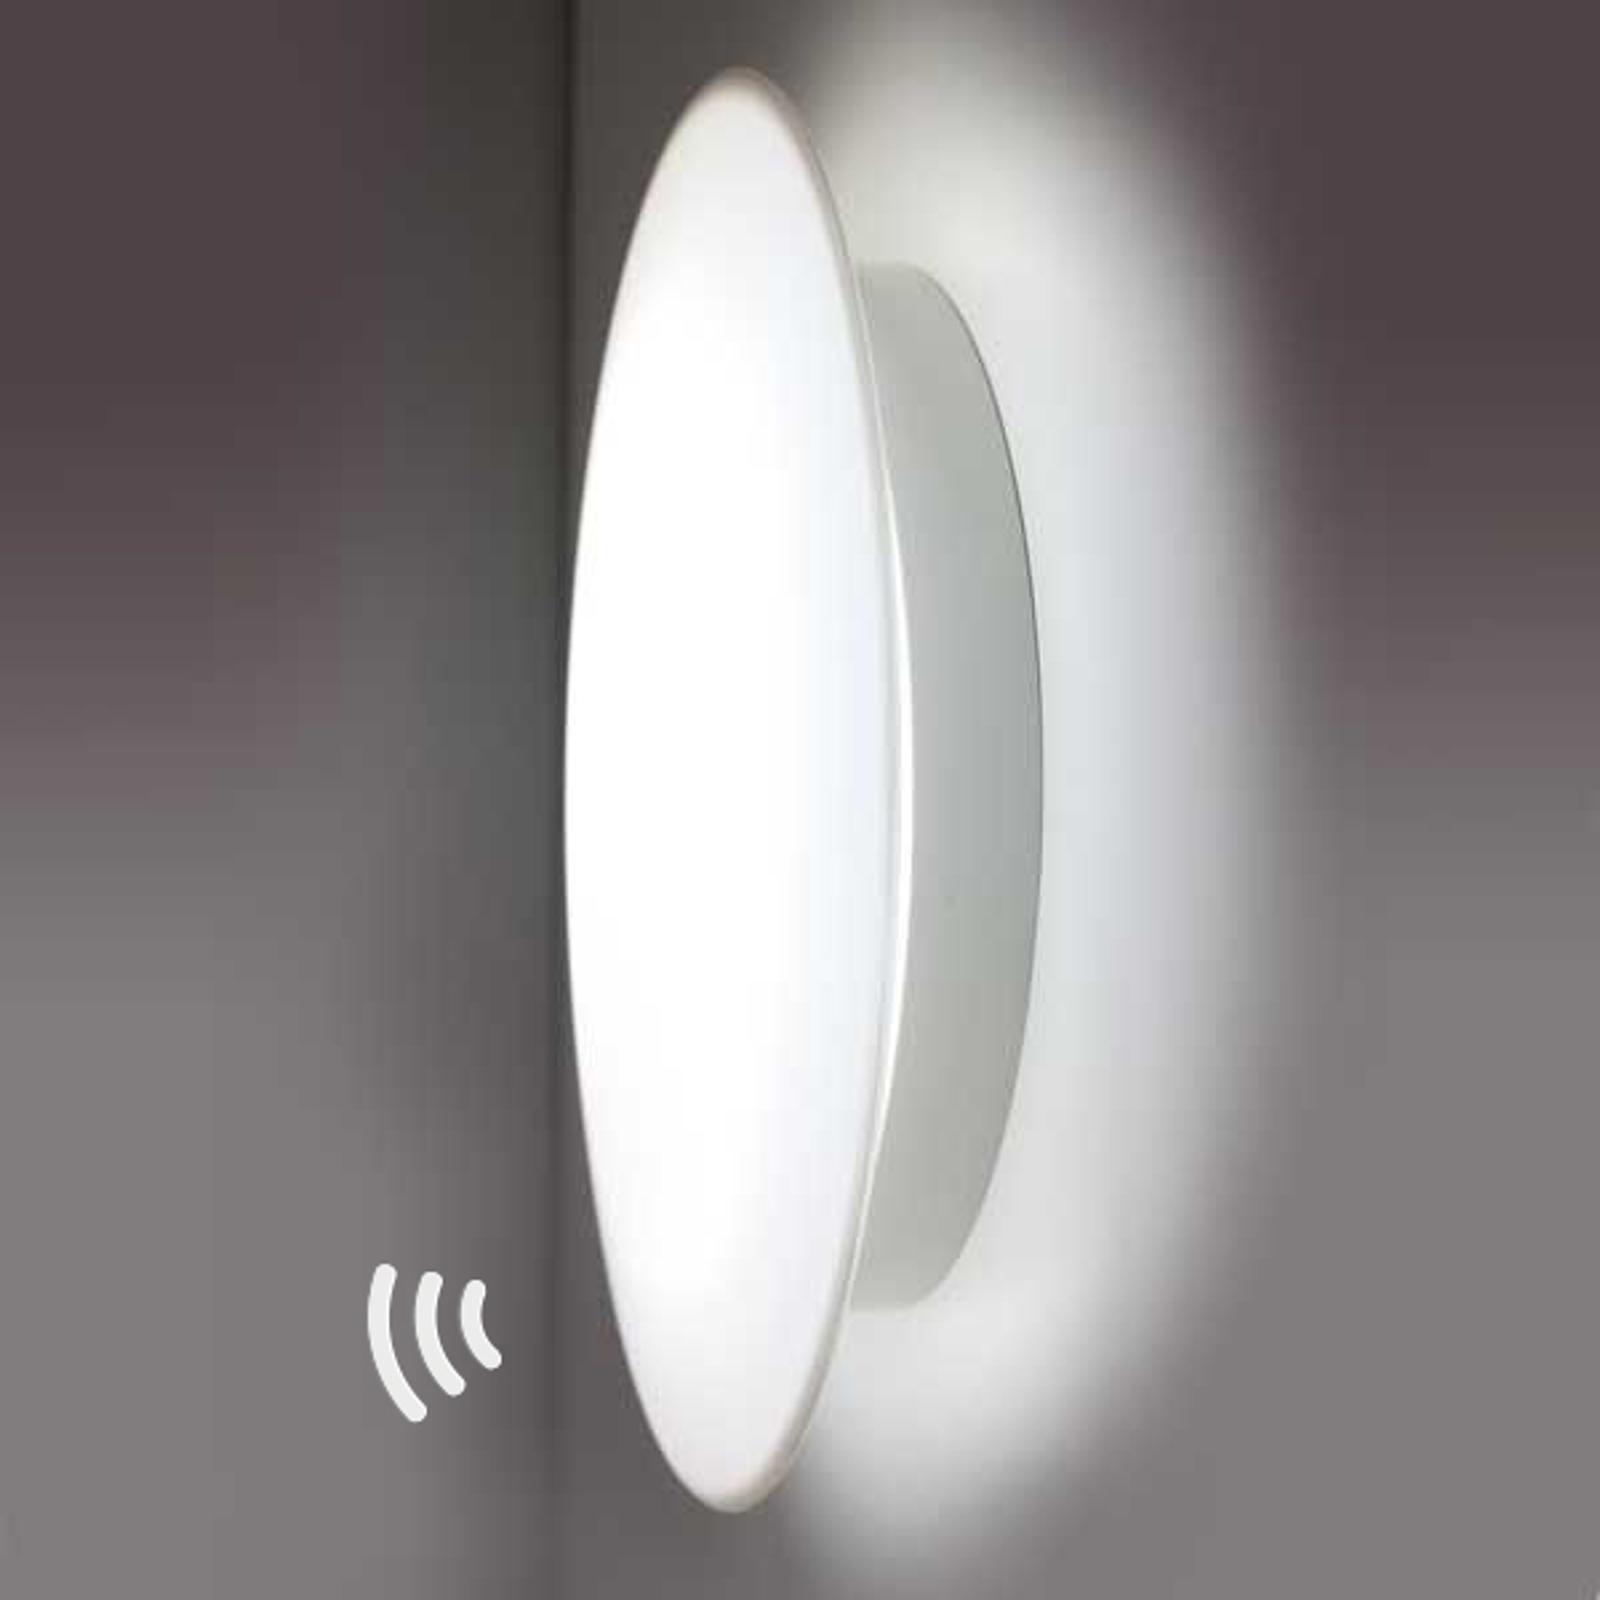 LED nástěnné světlo Sun 3 4000 K 13W se senzorem